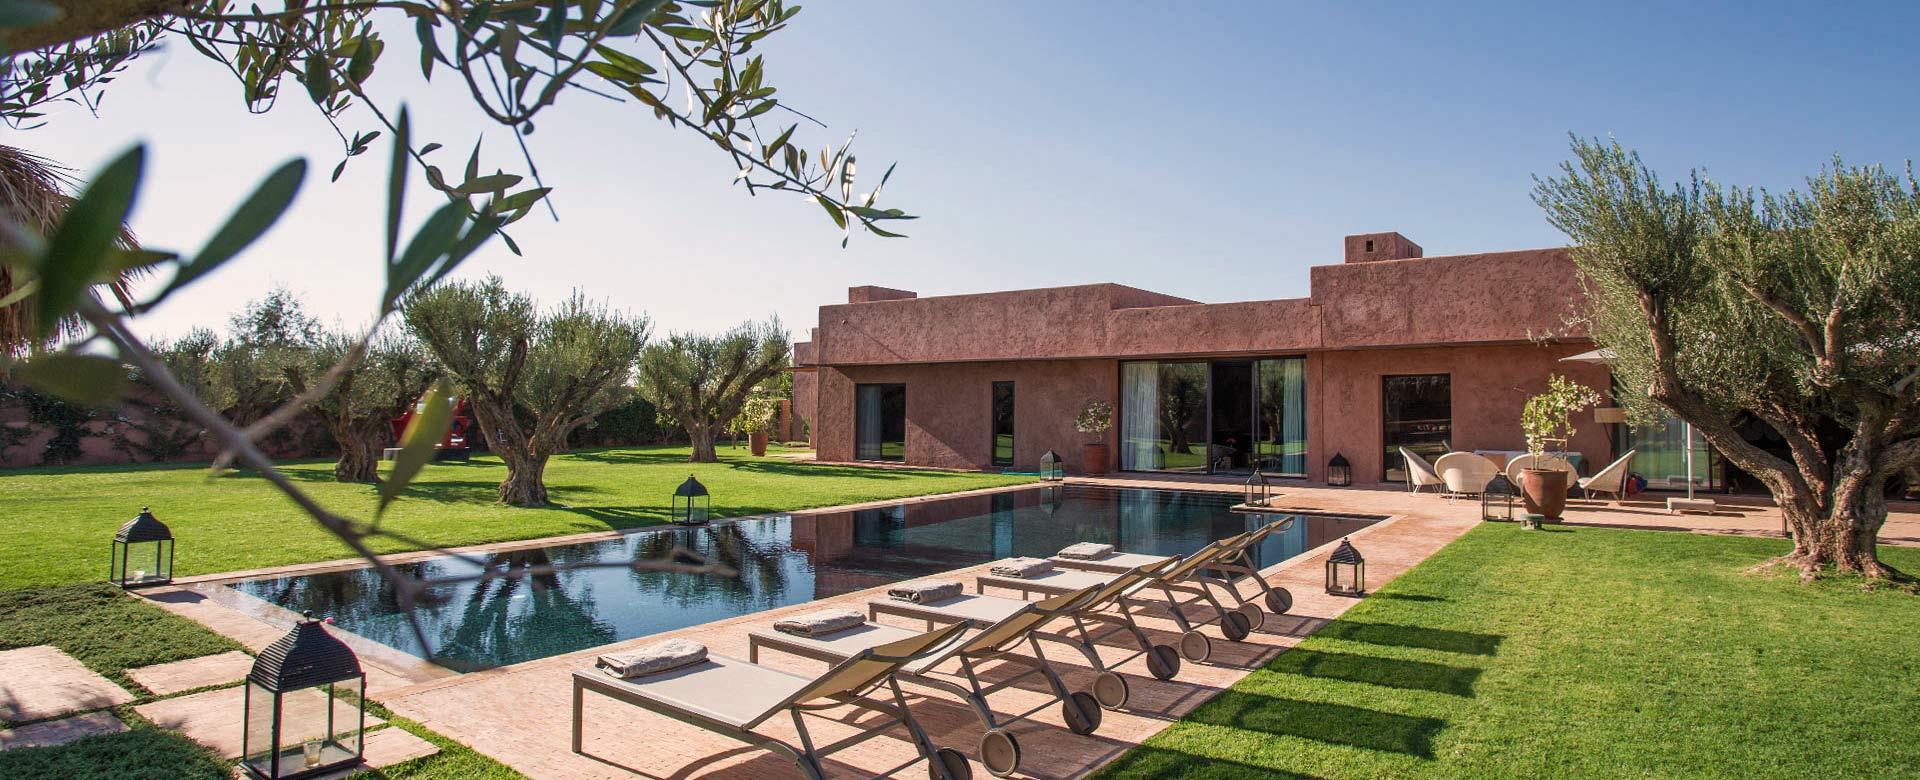 Affitto villa marrakech villa vacanze marrakech villa di for Ville di lusso in affitto